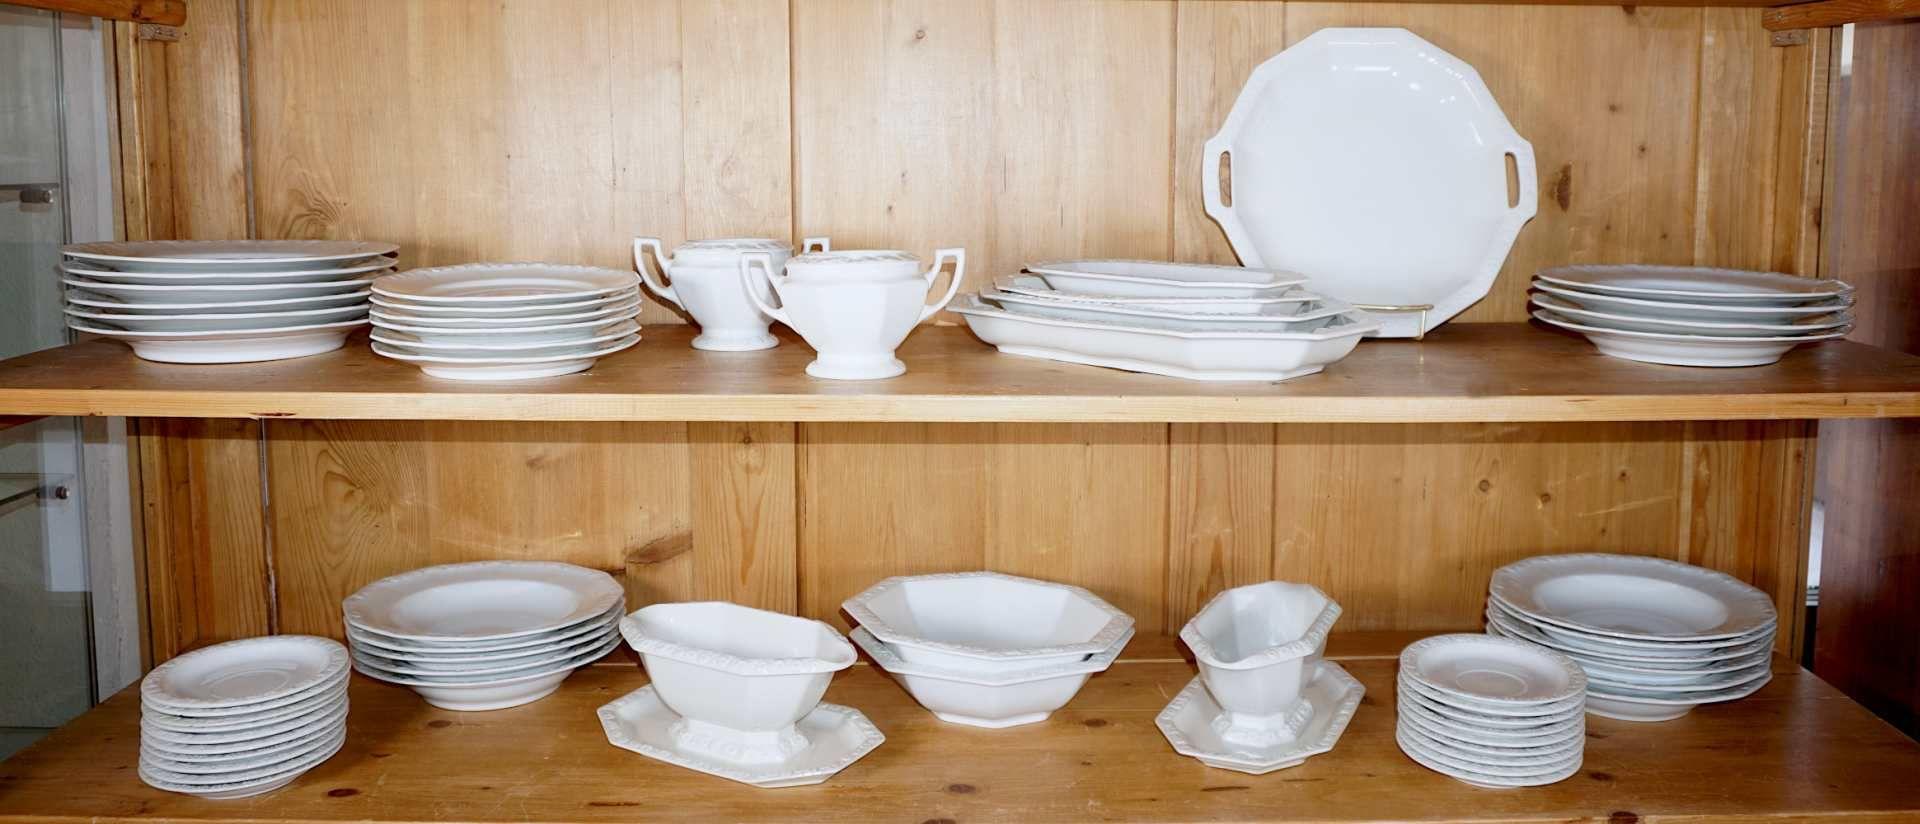 """1 Konv. Porzellan ROSENTHAL """"Maria"""" weiß u.a. Platten, Saucieren, Schüsseln, Teller, - Bild 2 aus 2"""